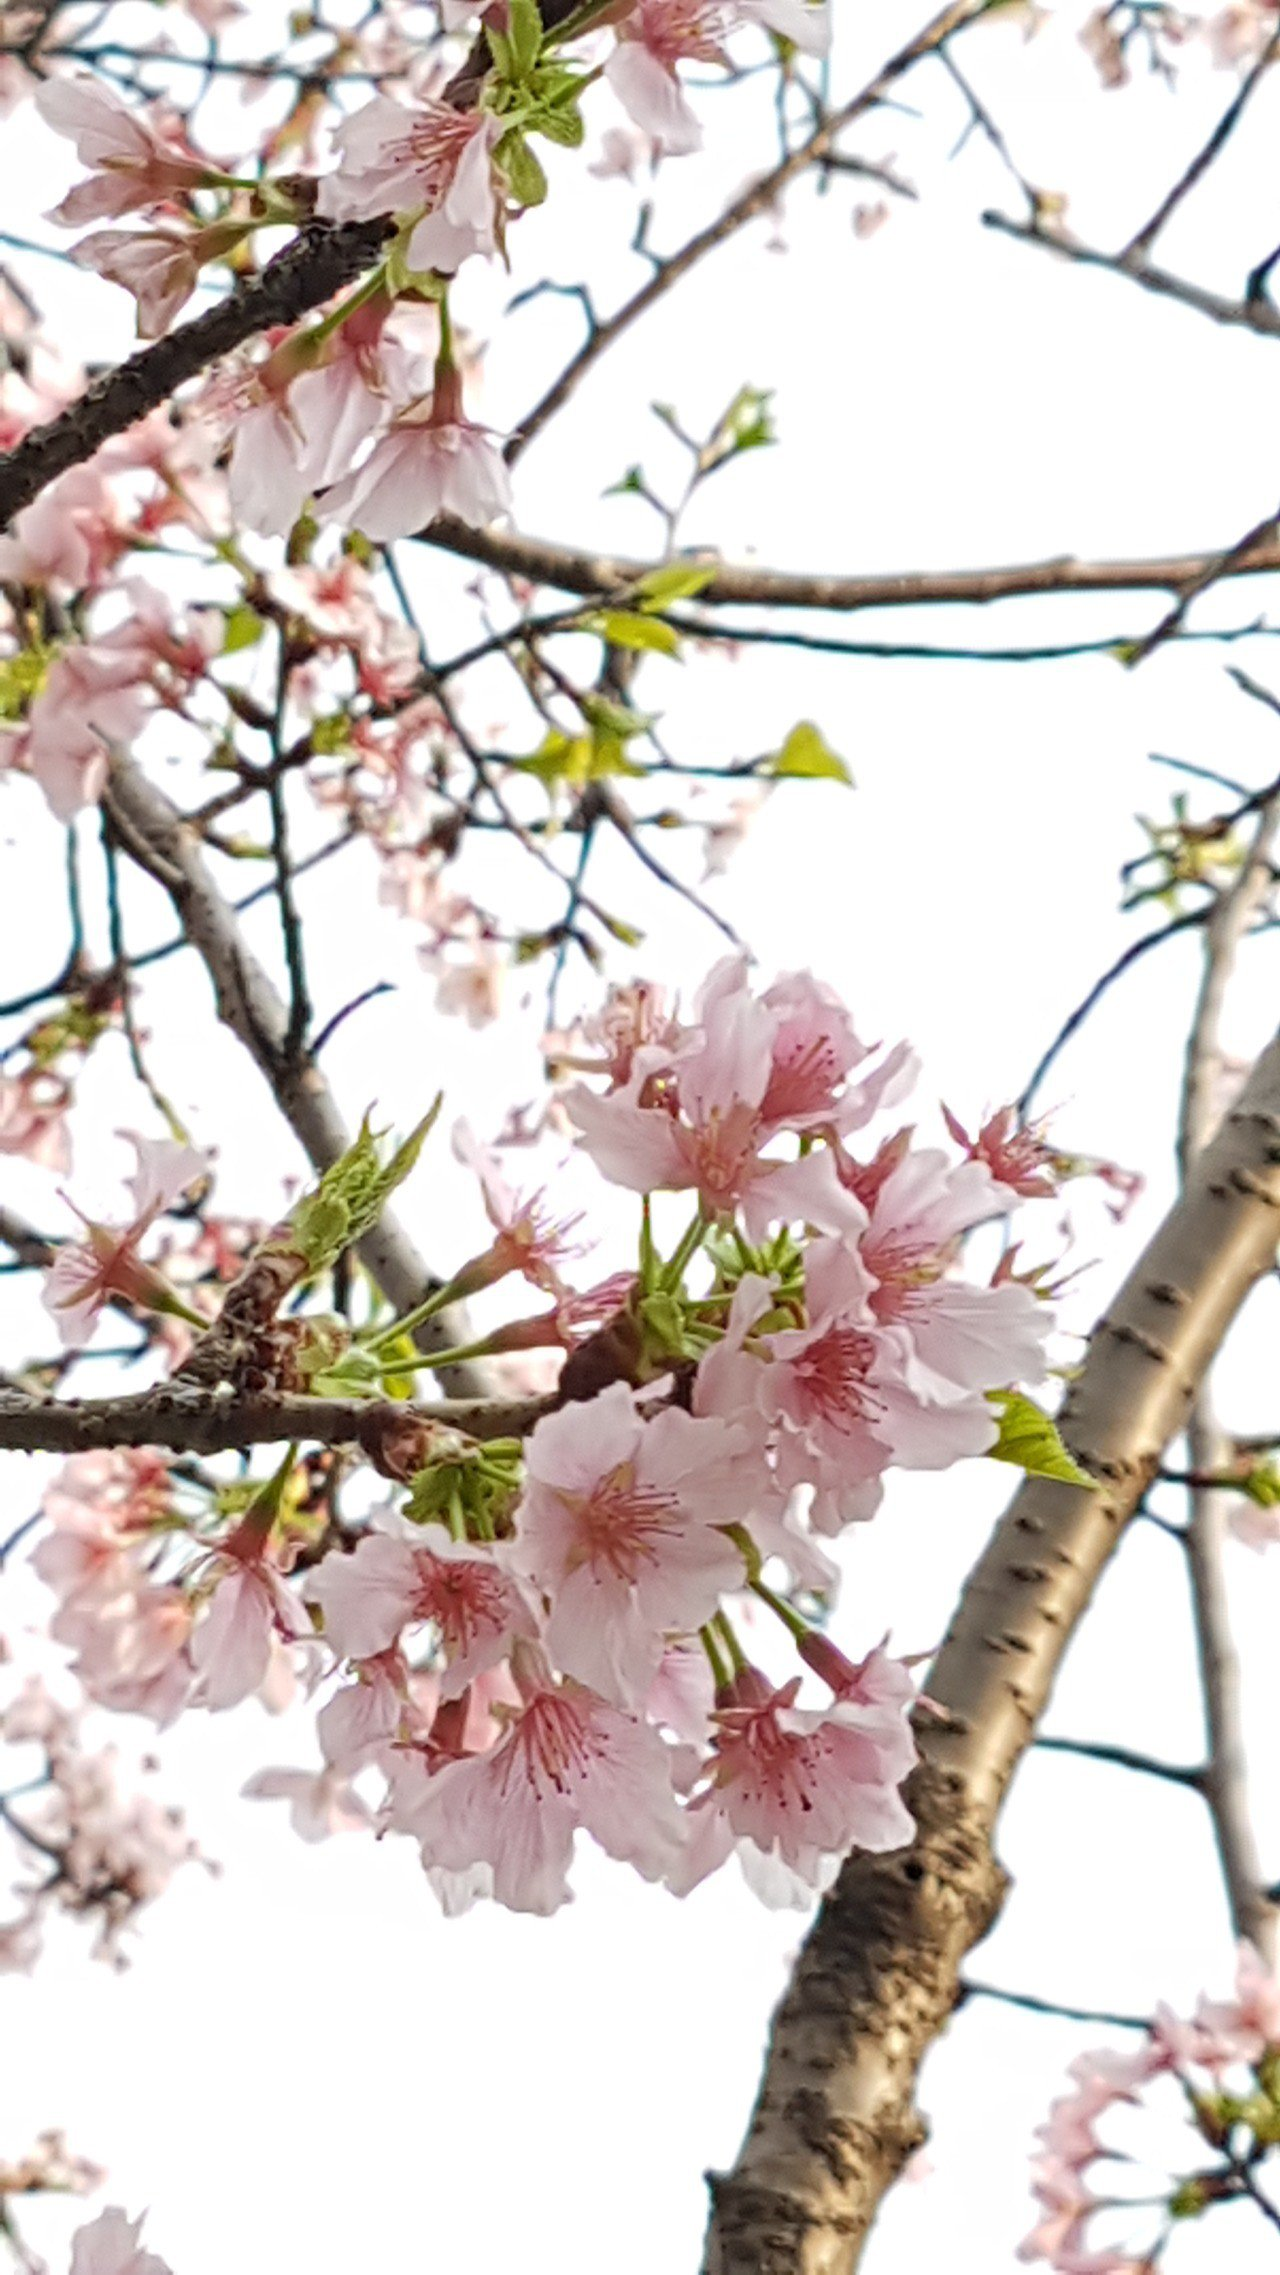 中正紀念堂櫻花正盛開。記者王彩鸝/攝影